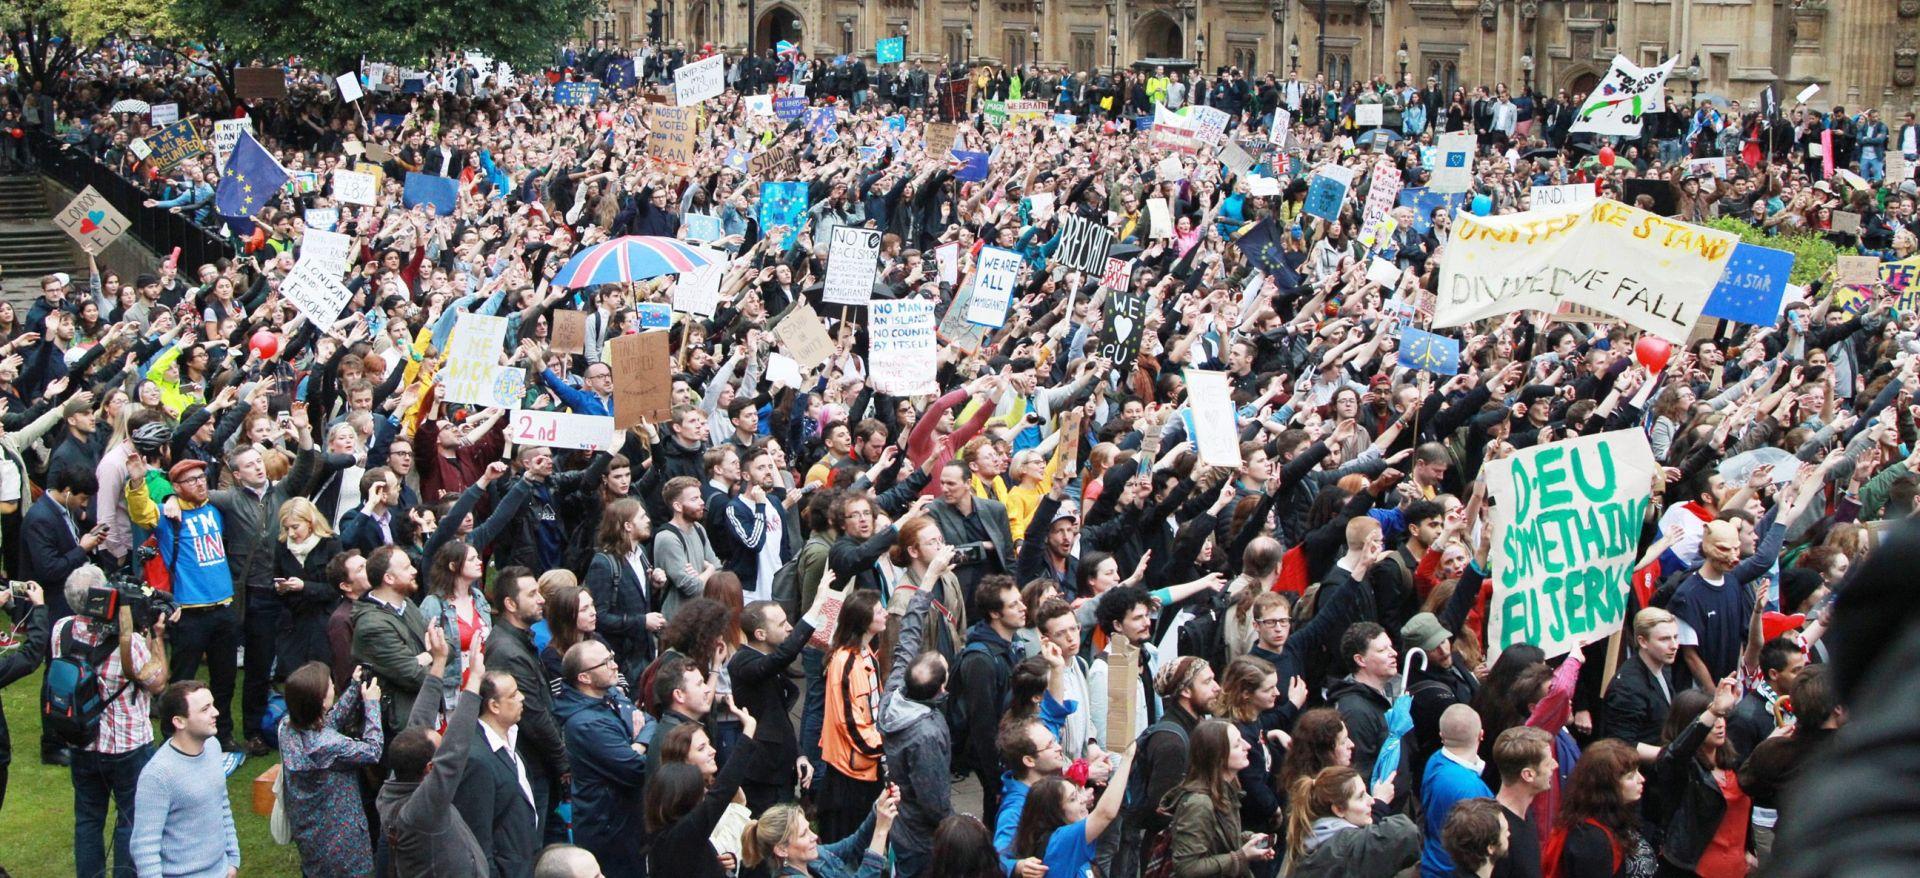 TISUĆE LJUDI NA ULICAMA LONDONA Prosvjed protiv 'Brexita'